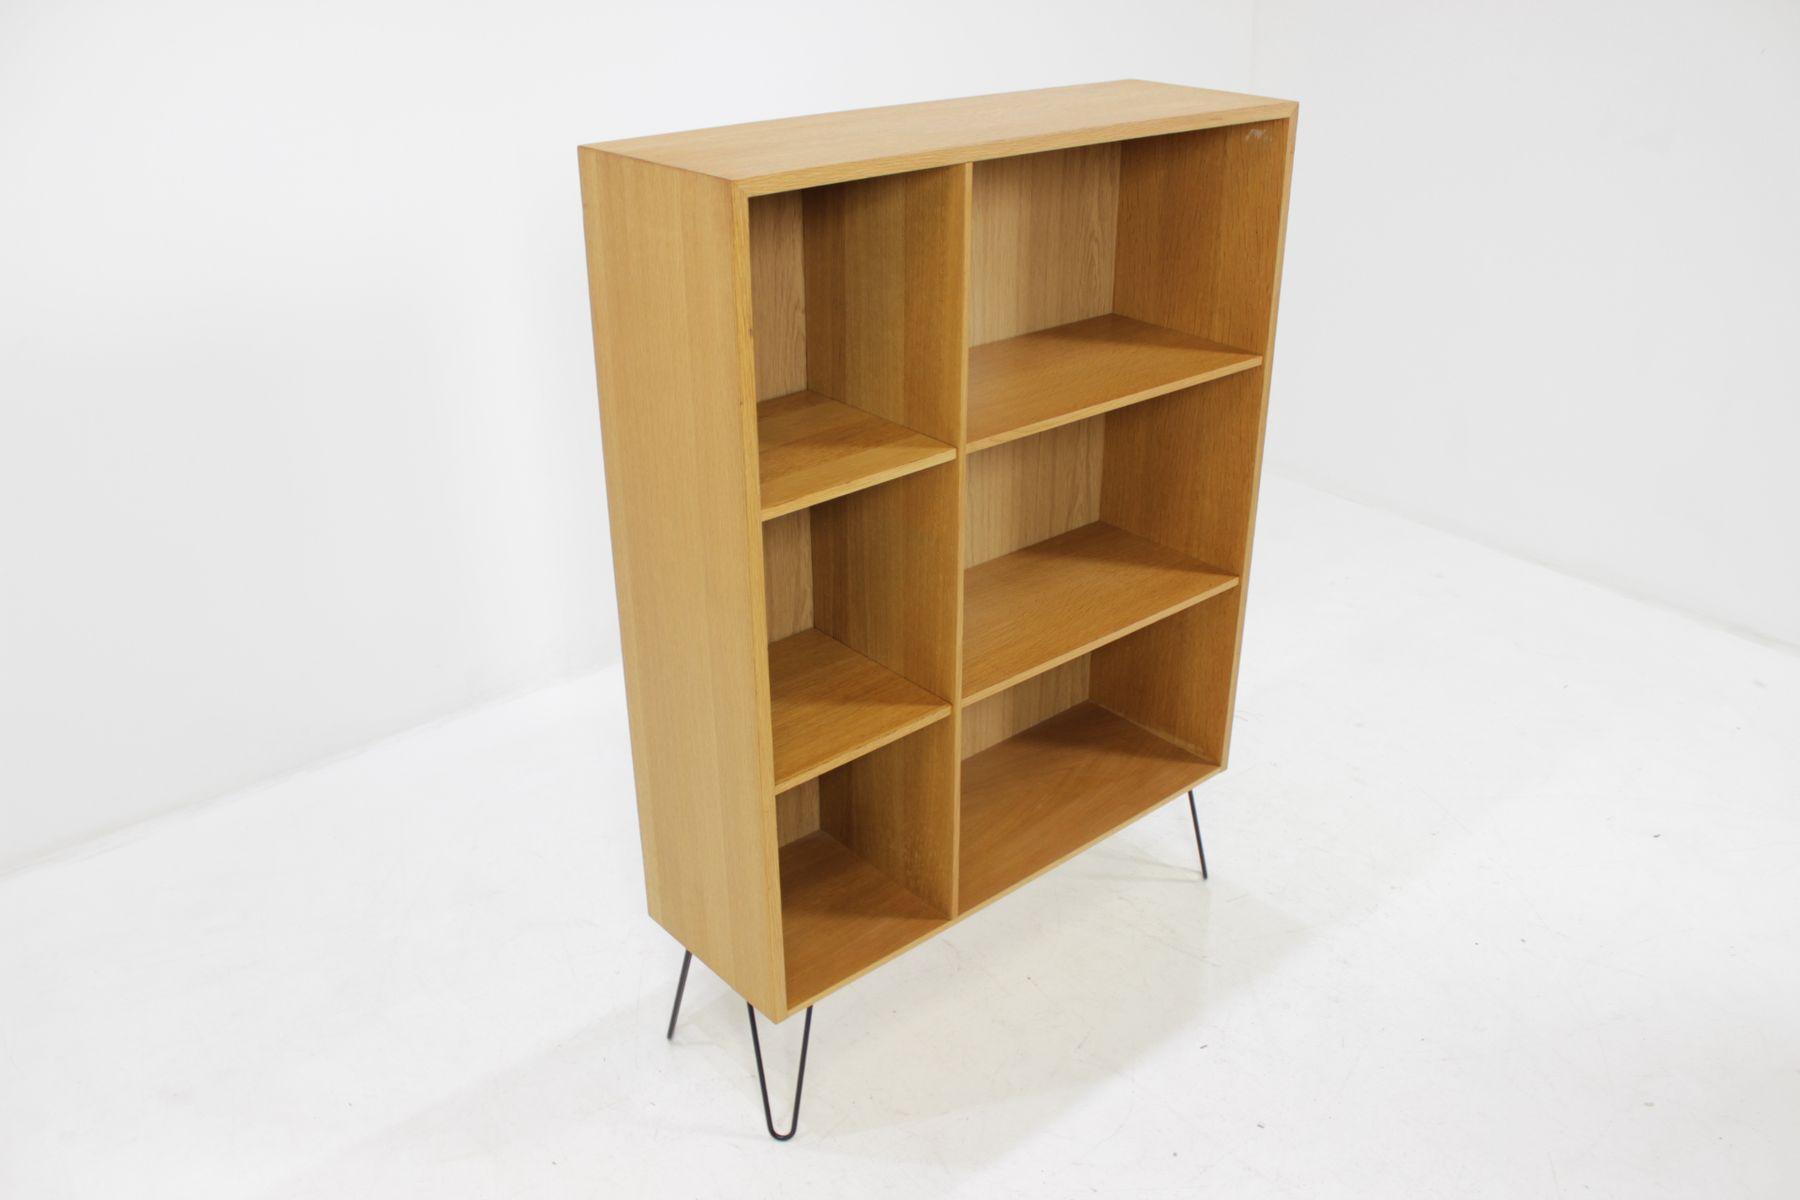 biblioth que en ch ne danemark 1960s en vente sur pamono. Black Bedroom Furniture Sets. Home Design Ideas